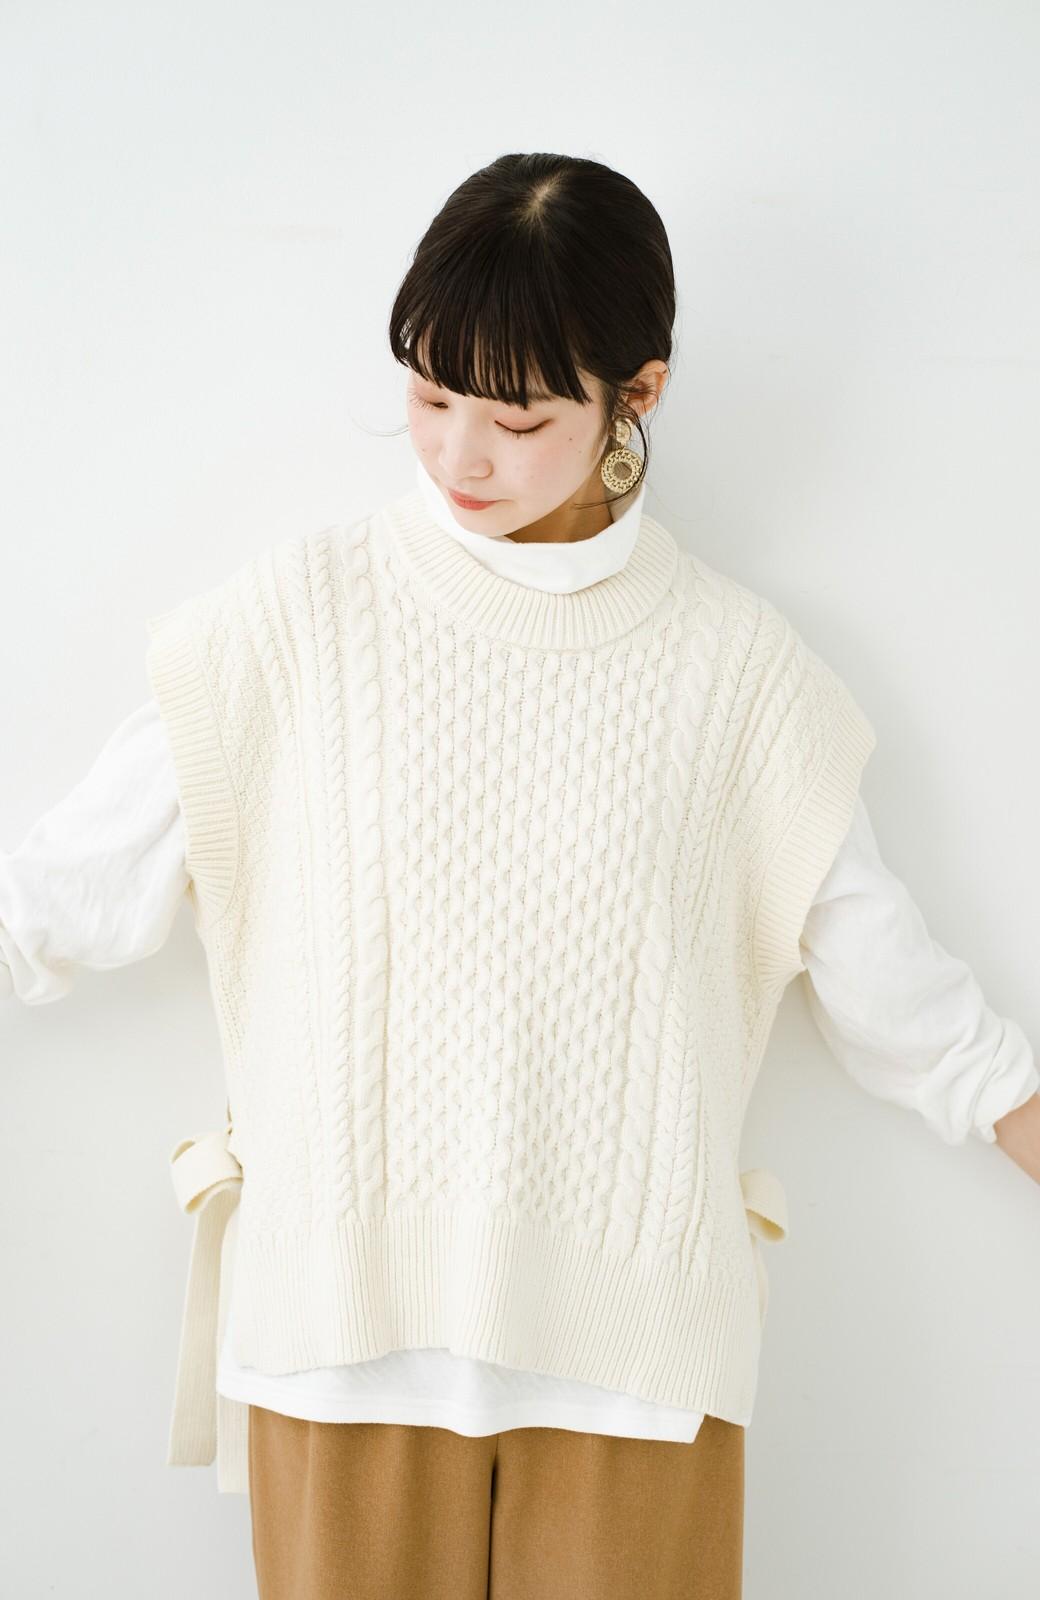 haco! ワンピースやシャツに重ねるだけであっという間に今っぽくなれるケーブル編みニットベスト <アイボリー>の商品写真7